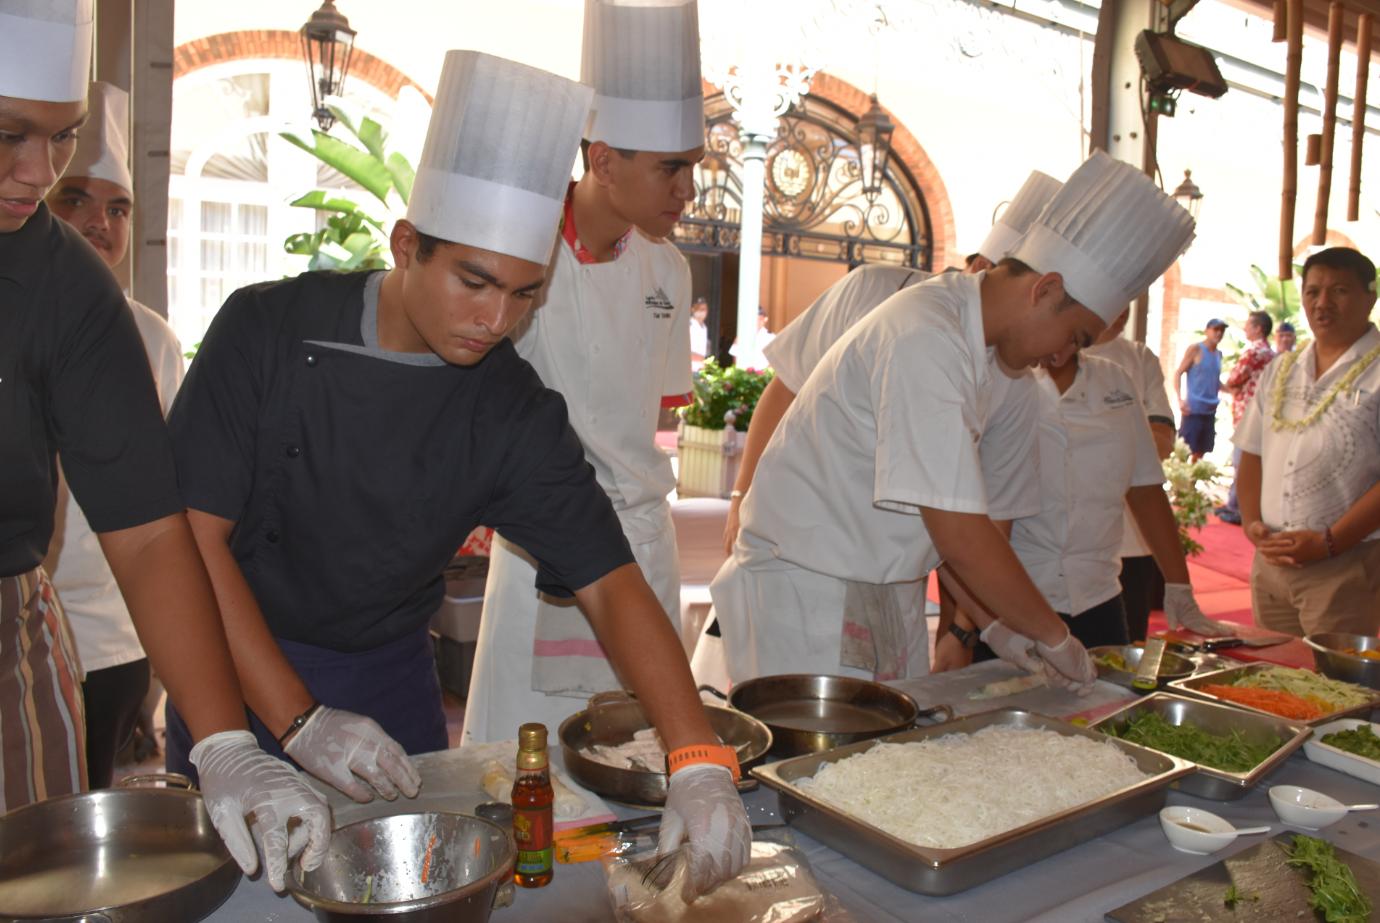 Les élèves du Lycée hôtelier de Punaauia ont cuisiné des rouleaux de printemps.